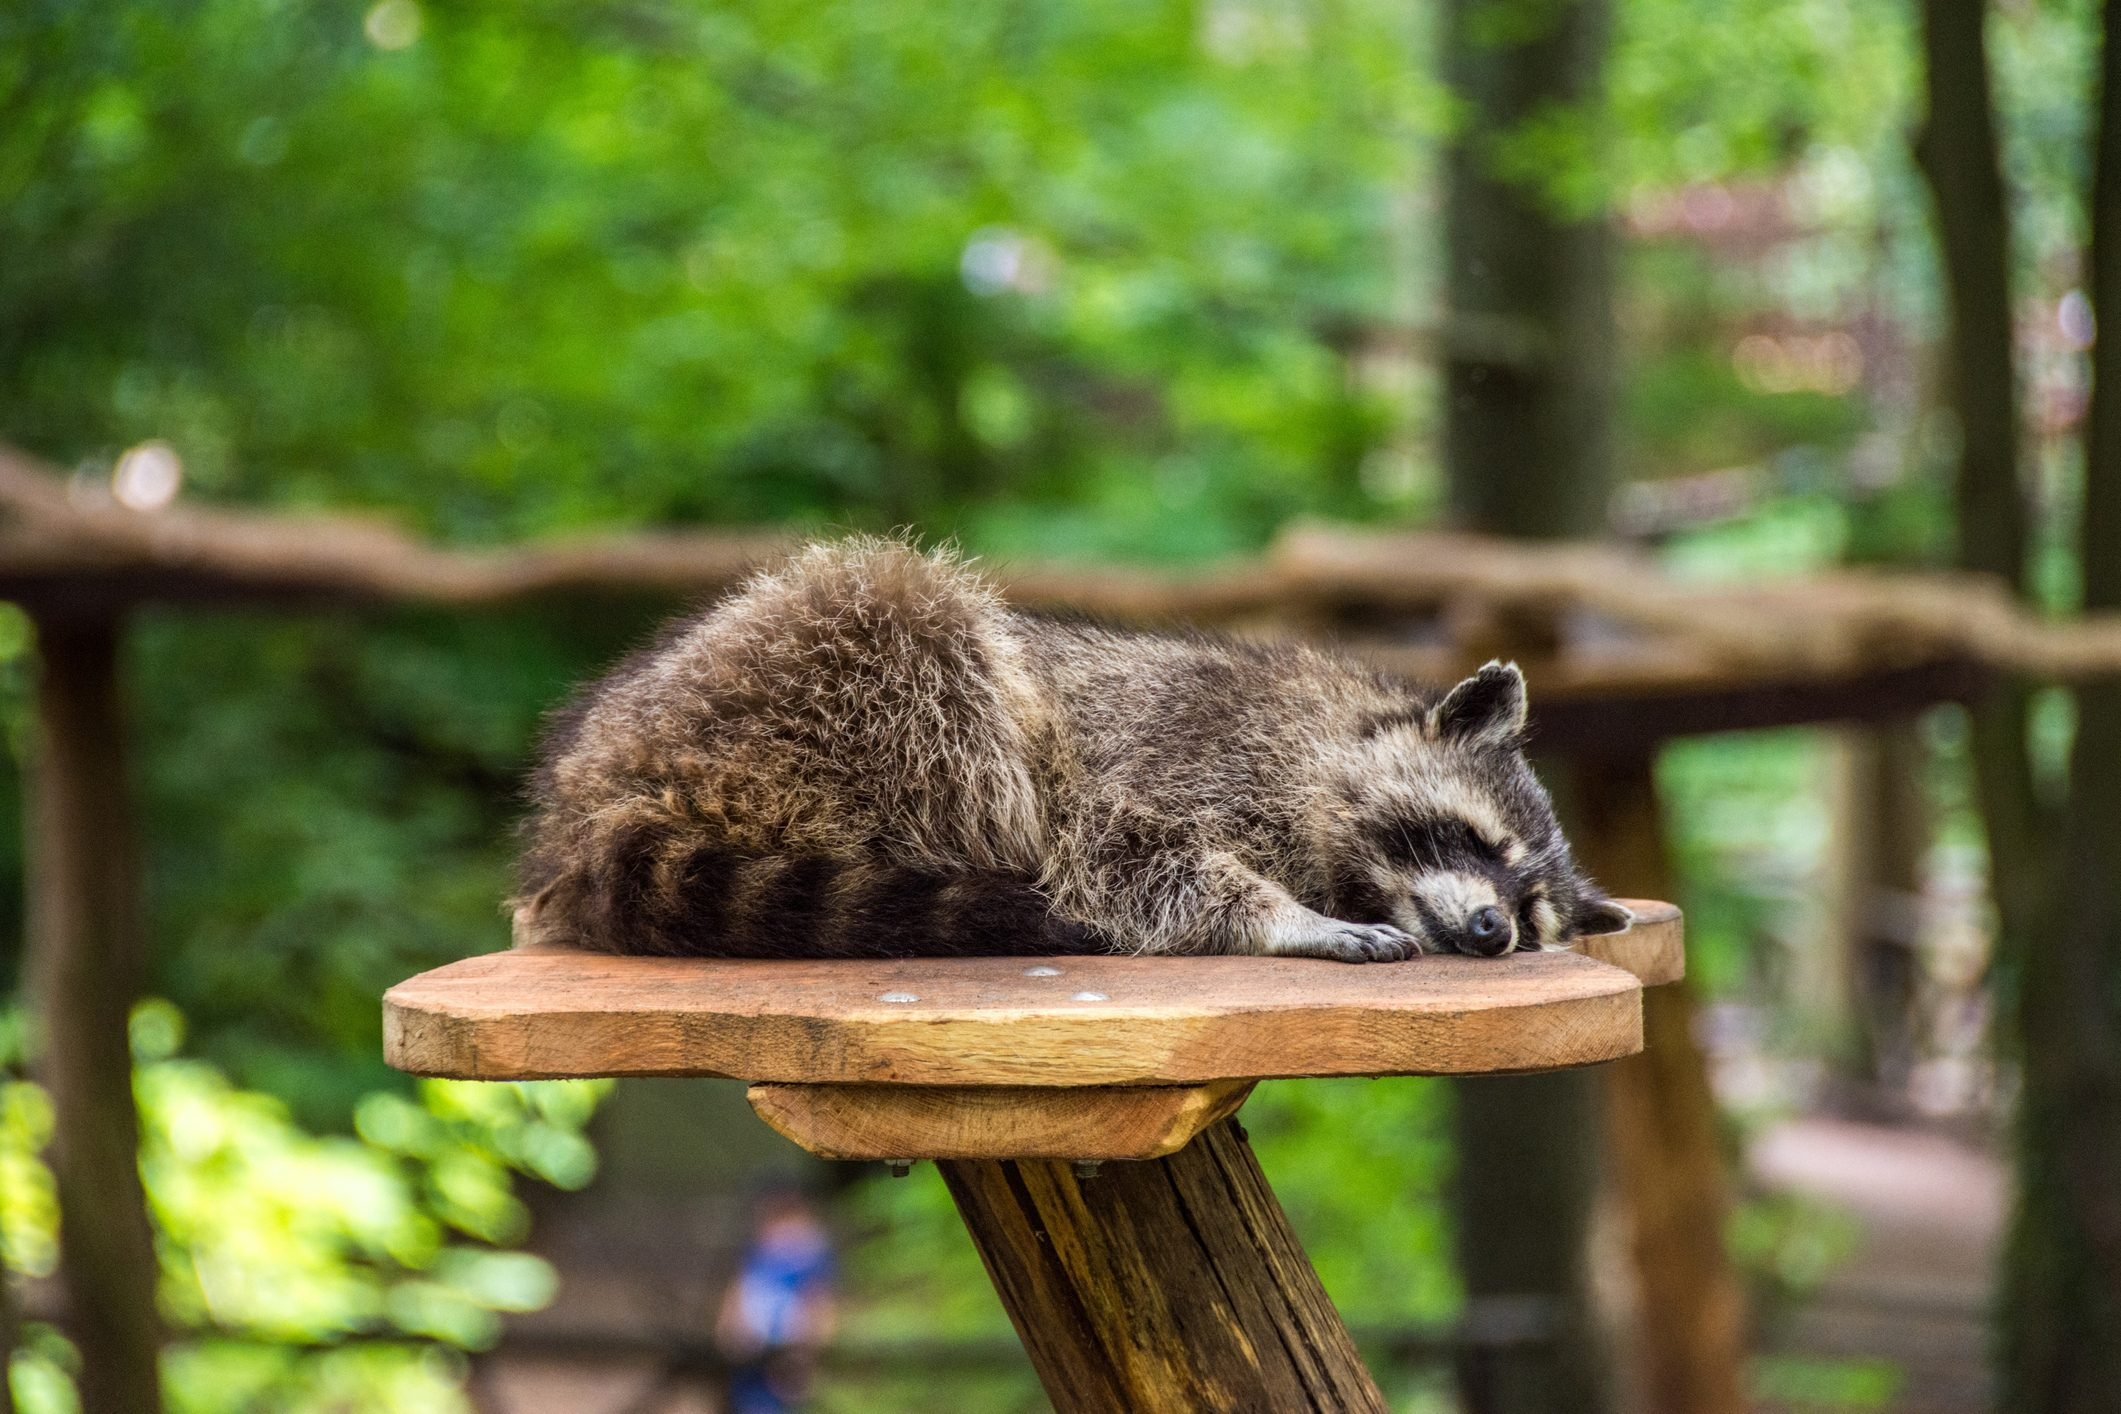 Raccoon Sleeping On Wood At Zoo